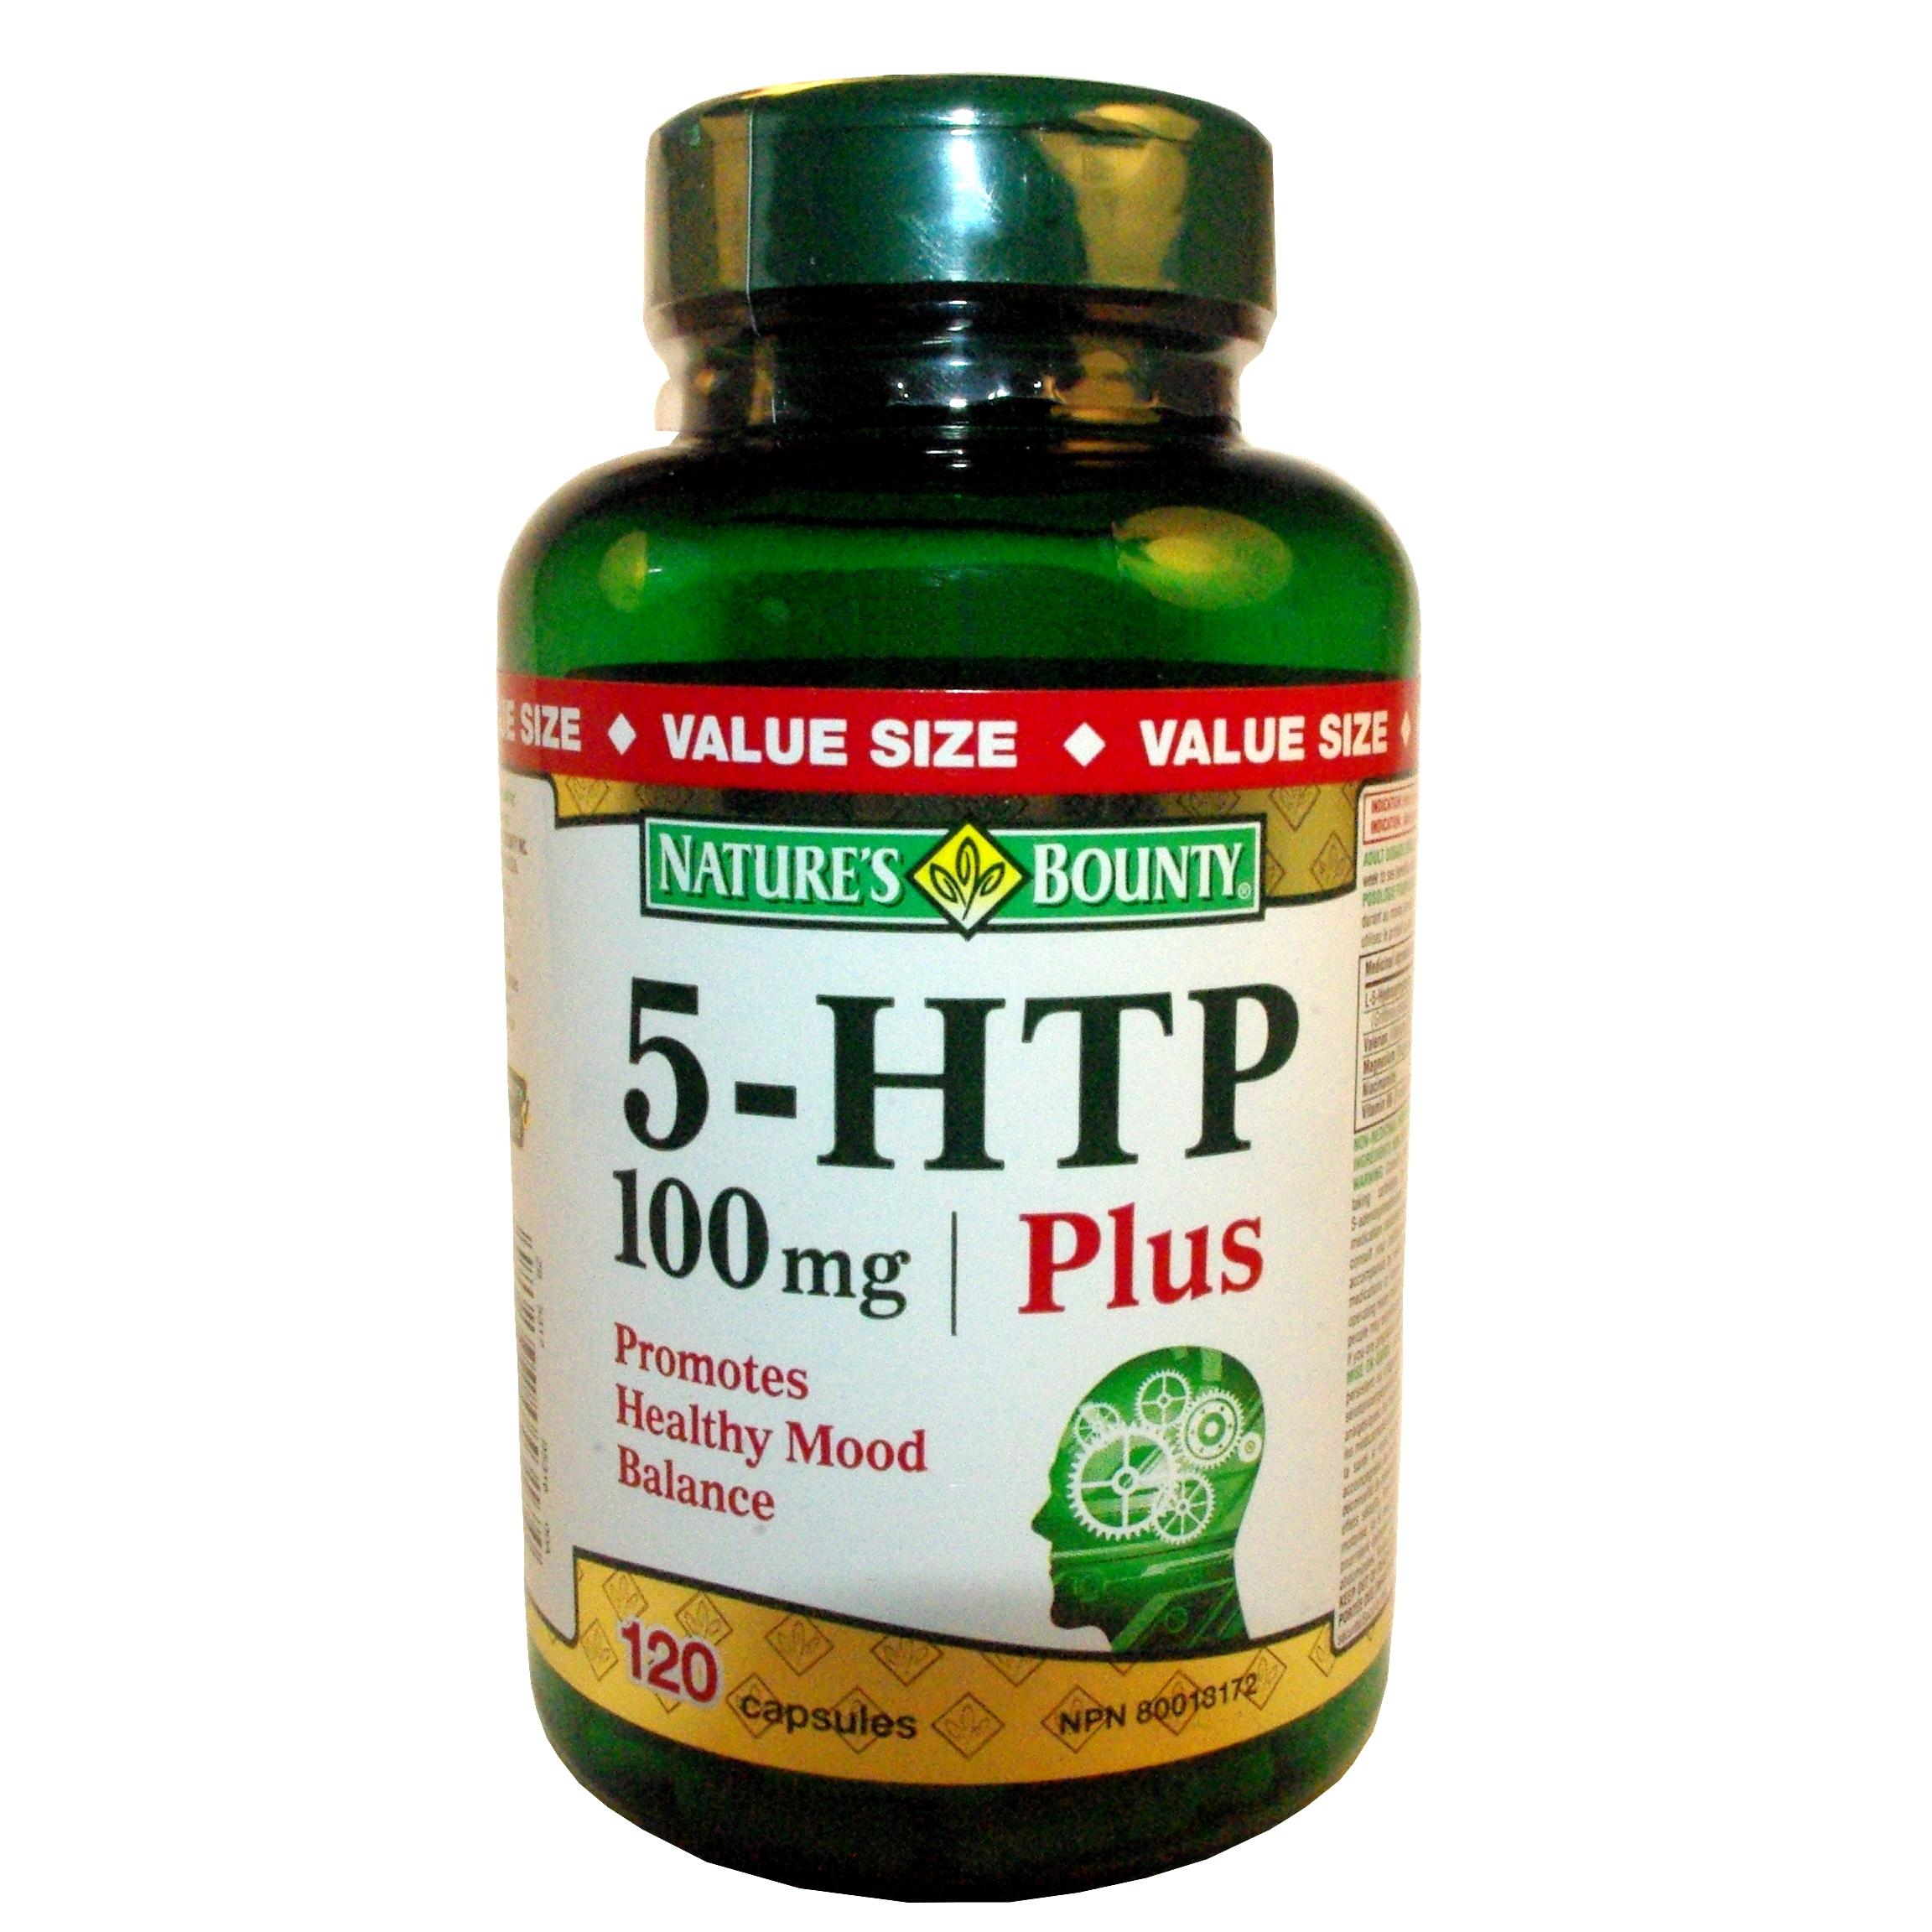 Nature's Bounty 5-HTP, 100 mg, 120 Capsules